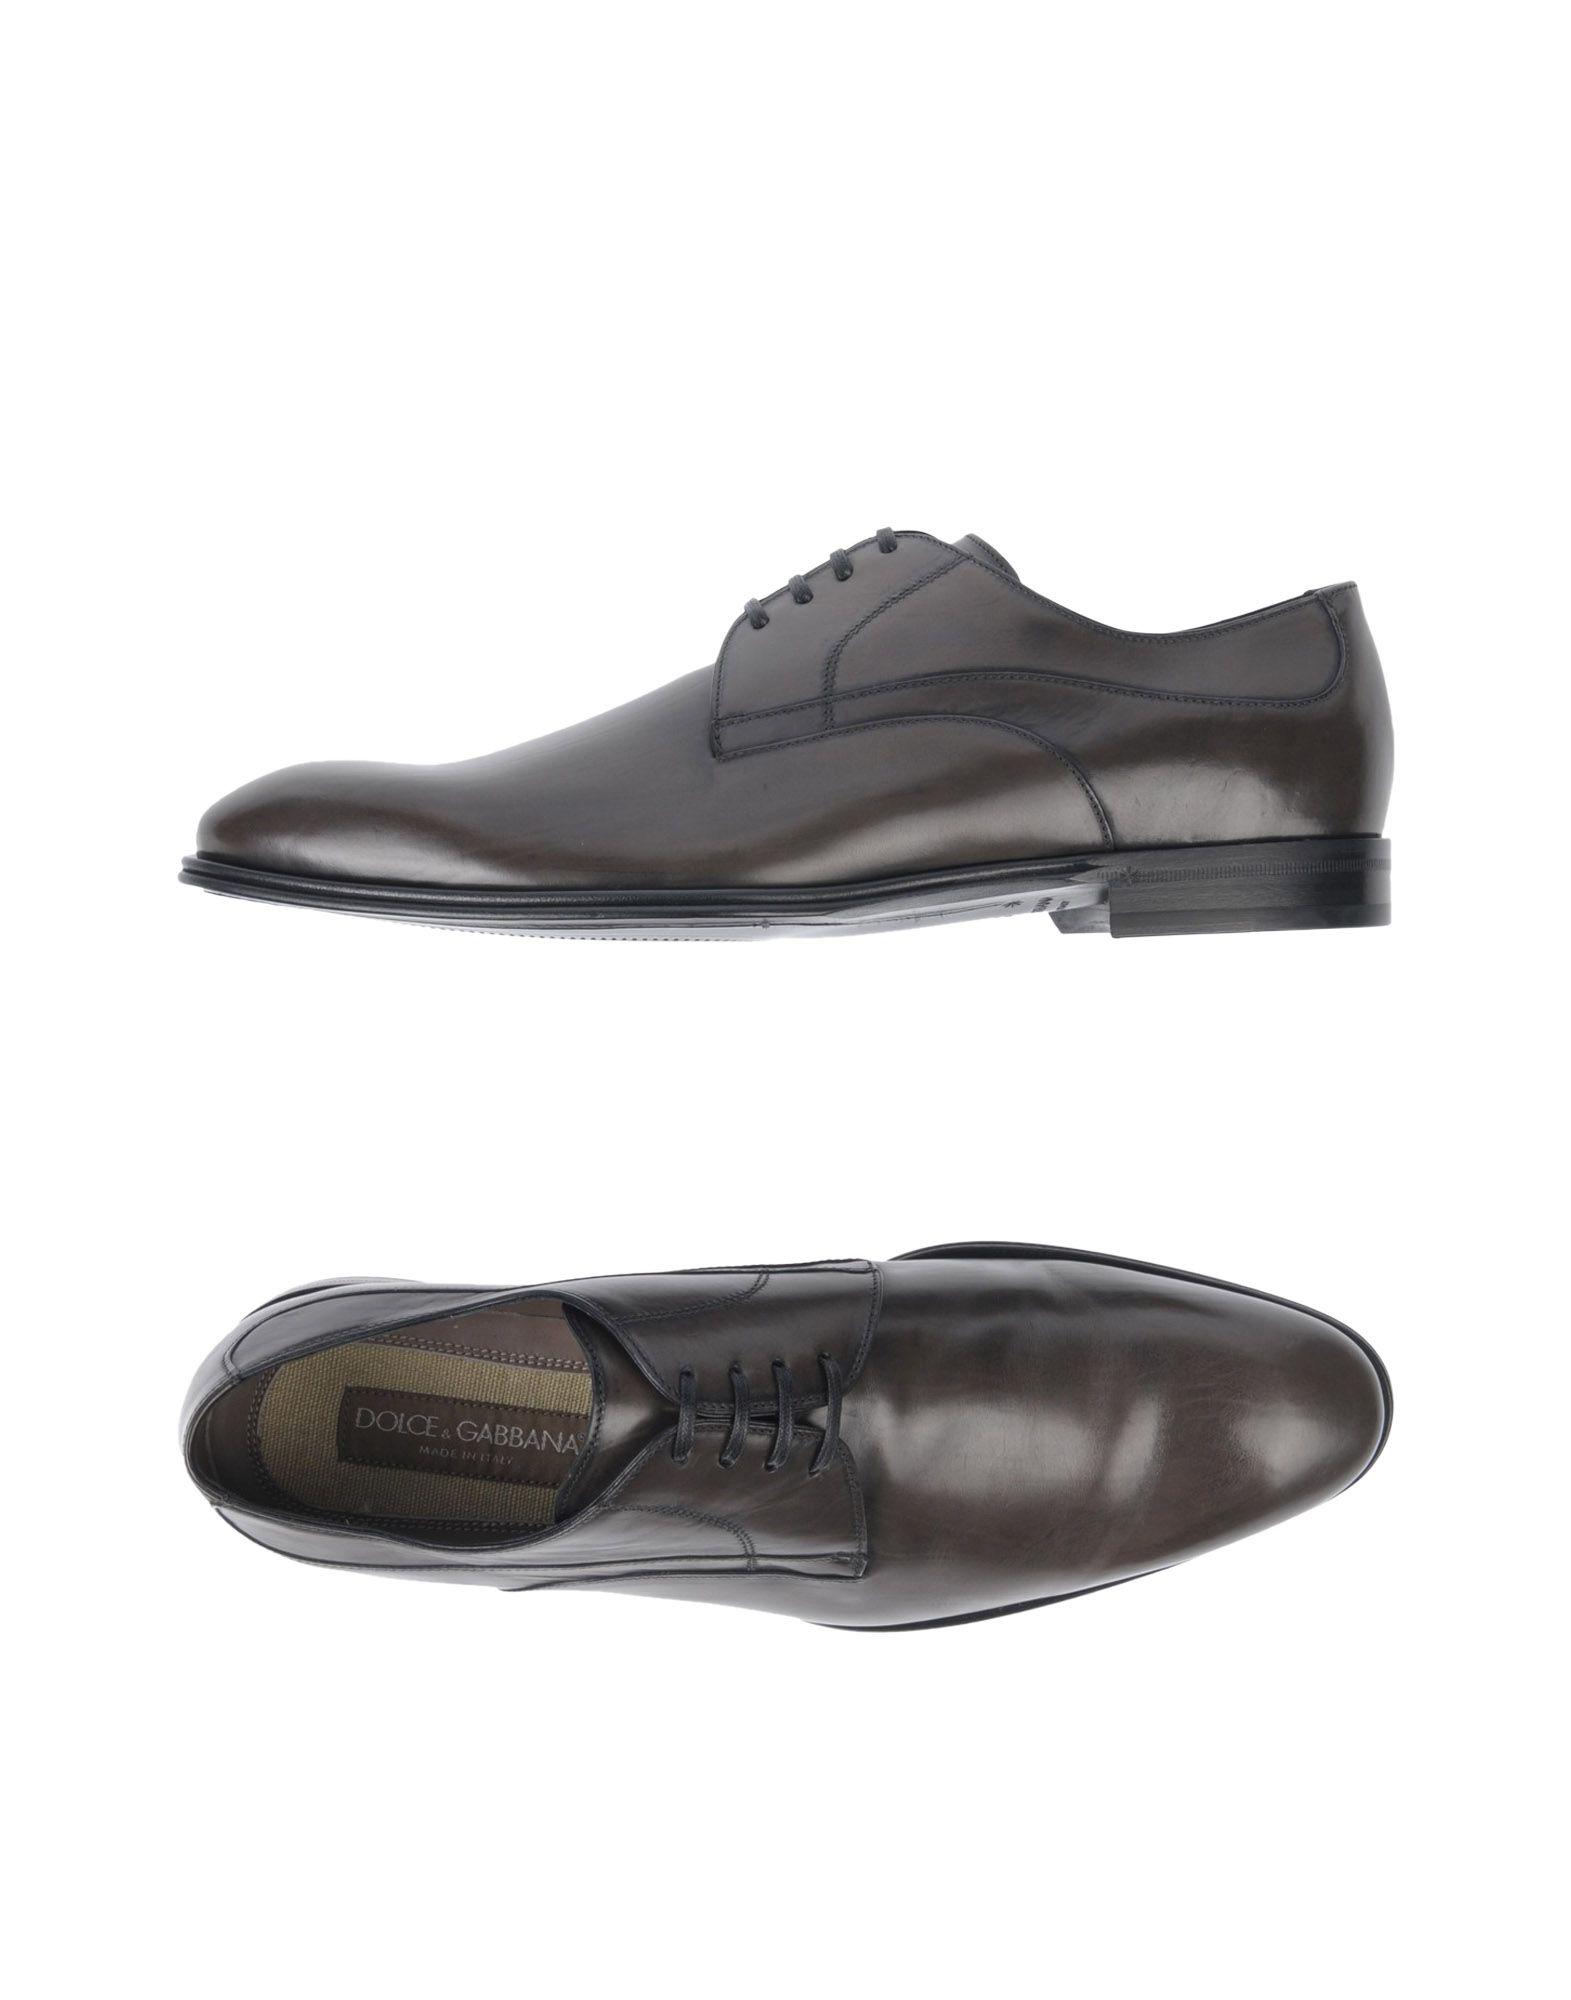 DOLCE & GABBANA Обувь на шнурках первый внутри обувь обувь обувь обувь обувь обувь обувь обувь обувь 8a2549 мужская армия green 40 метров